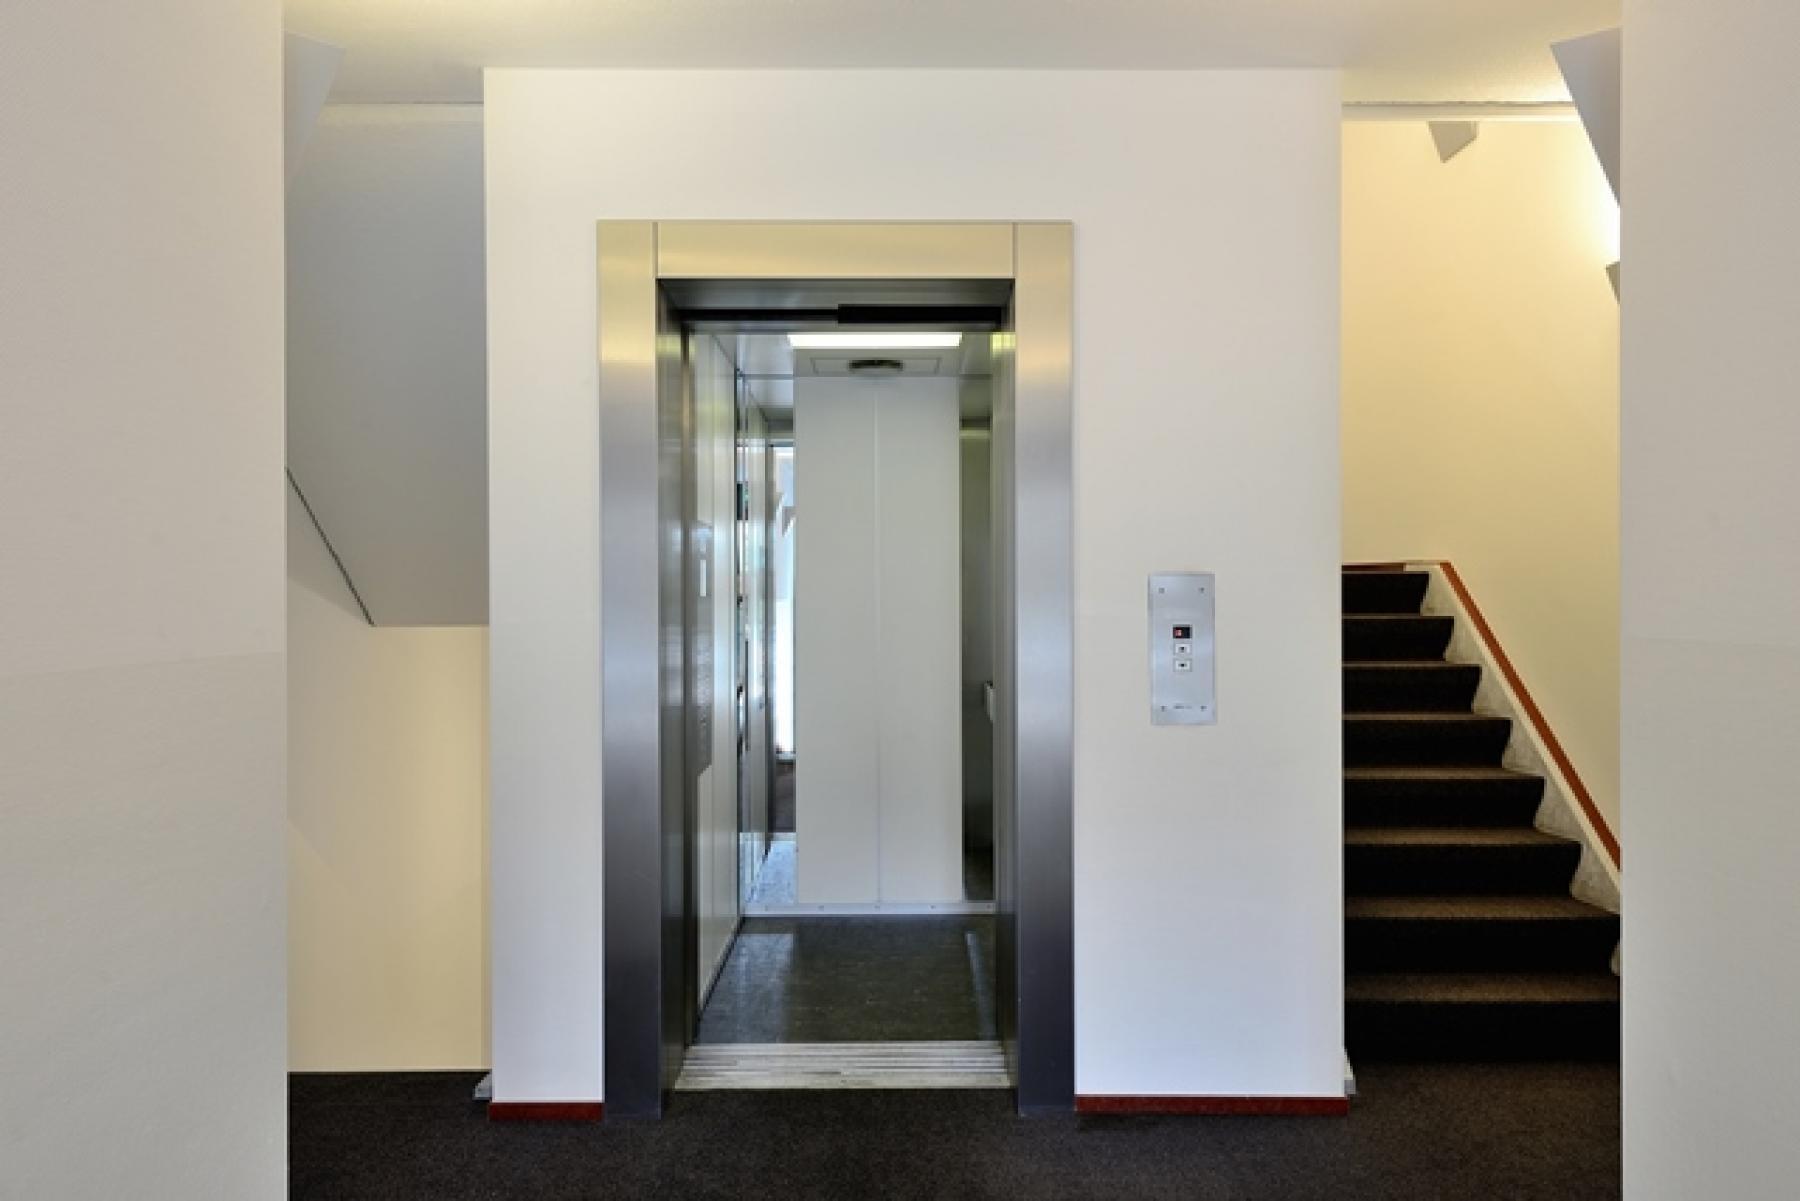 personenlift trappenhuis vloerbedekking muren kantoor apeldoorn huren kantoorruimte kantoorkamer SKEPP